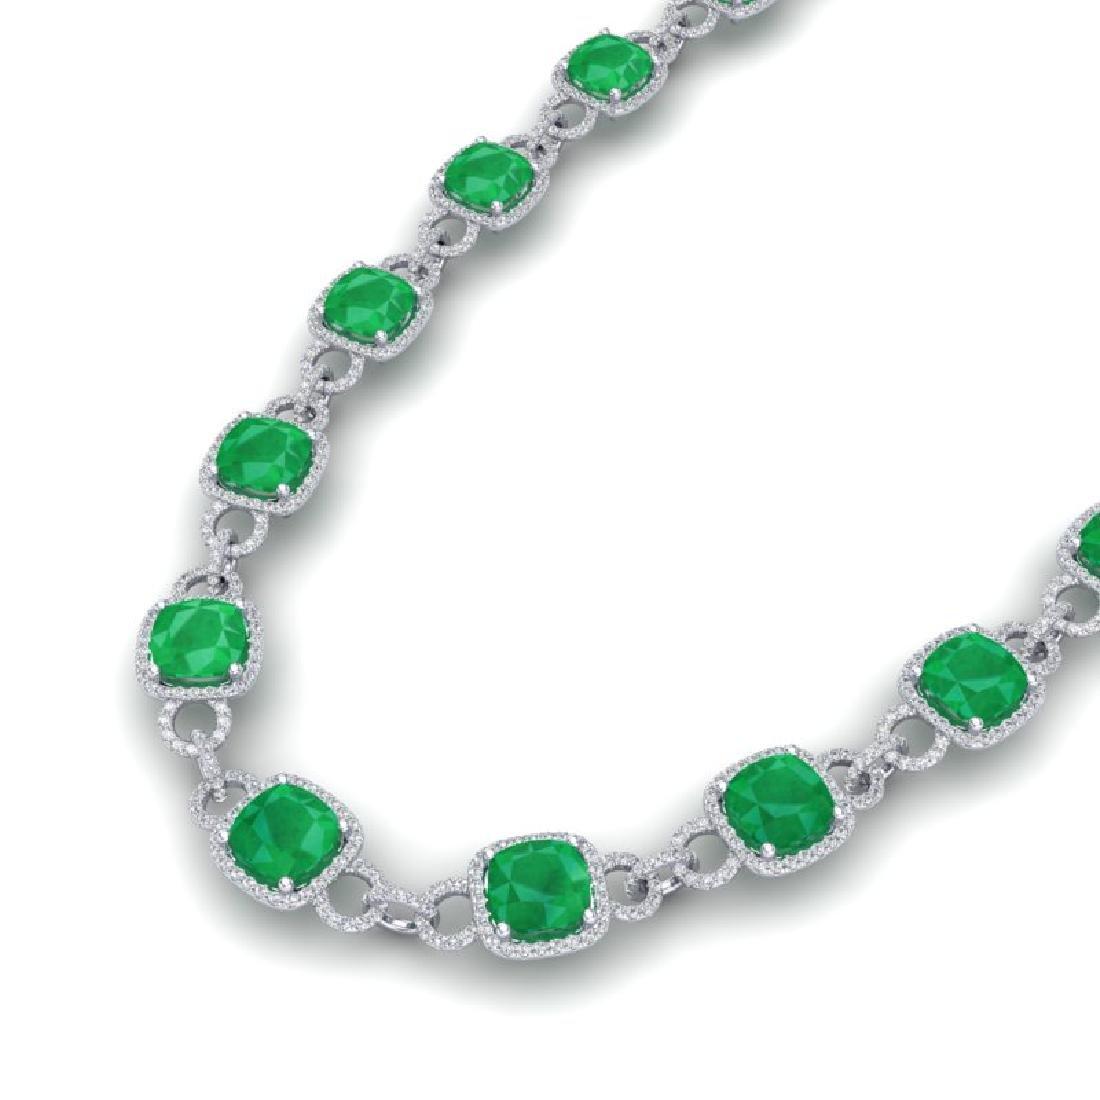 56 CTW Emerald & VS/SI Diamond Necklace 14K White Gold